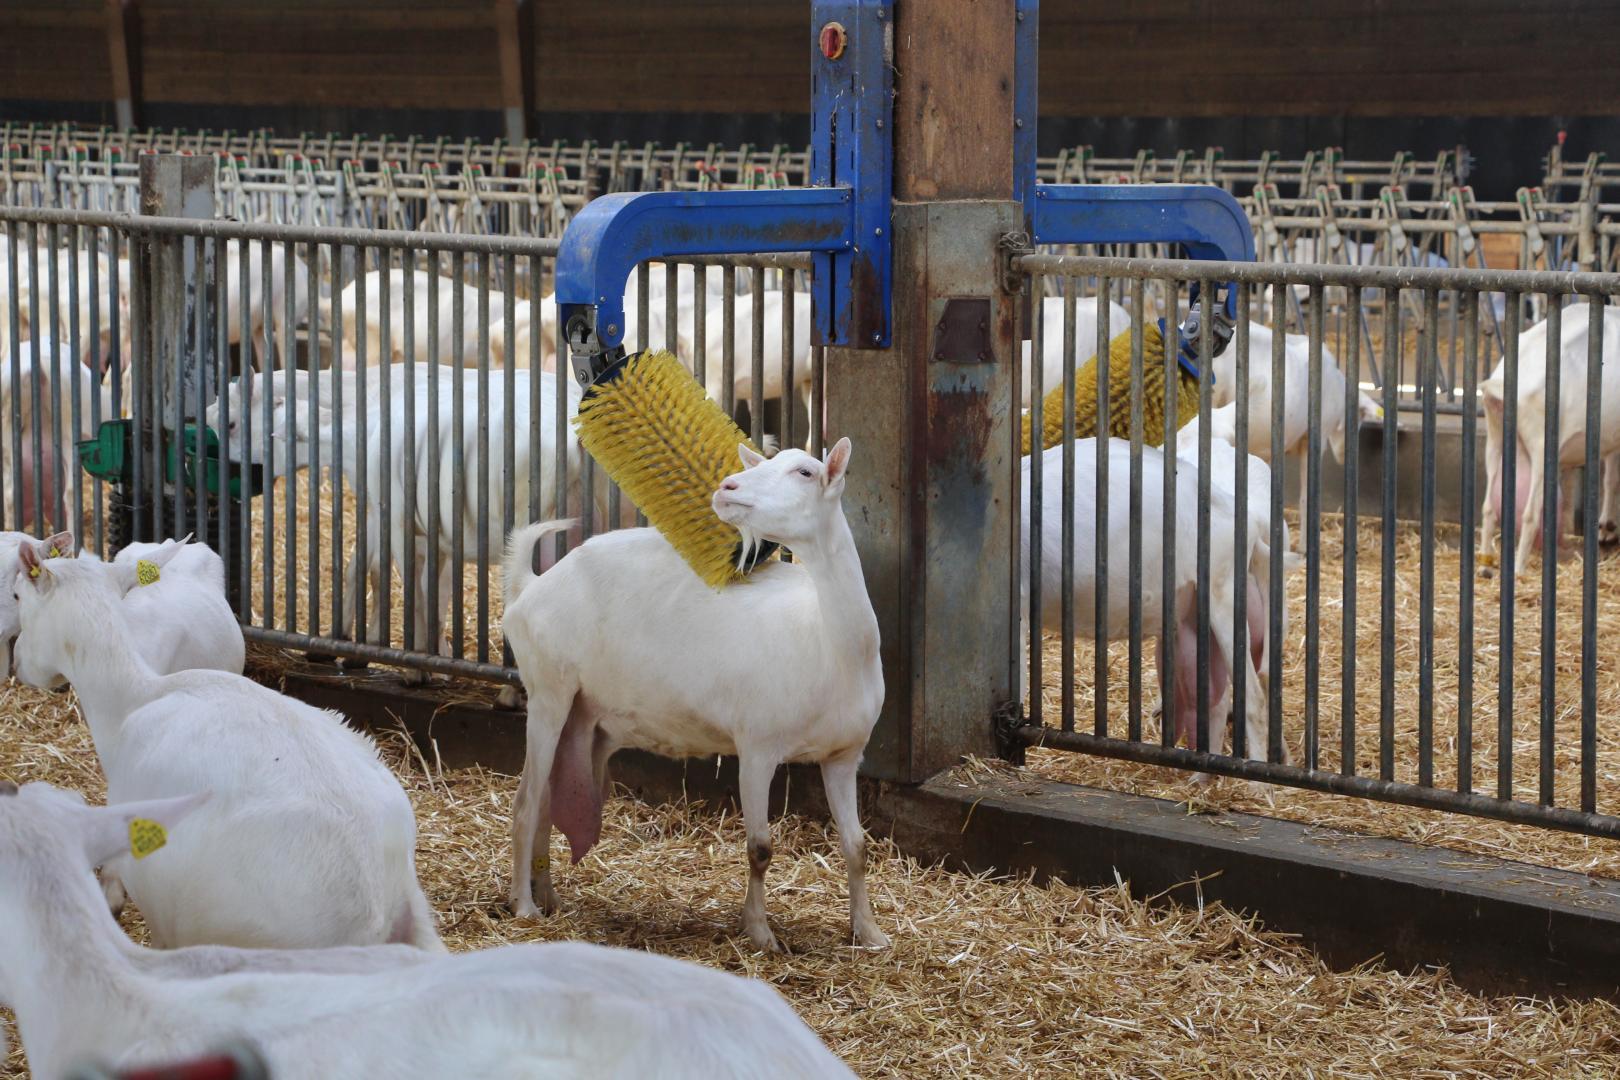 Visite de l'exploitation   Visite d'une ferme laitière de chèvres 79